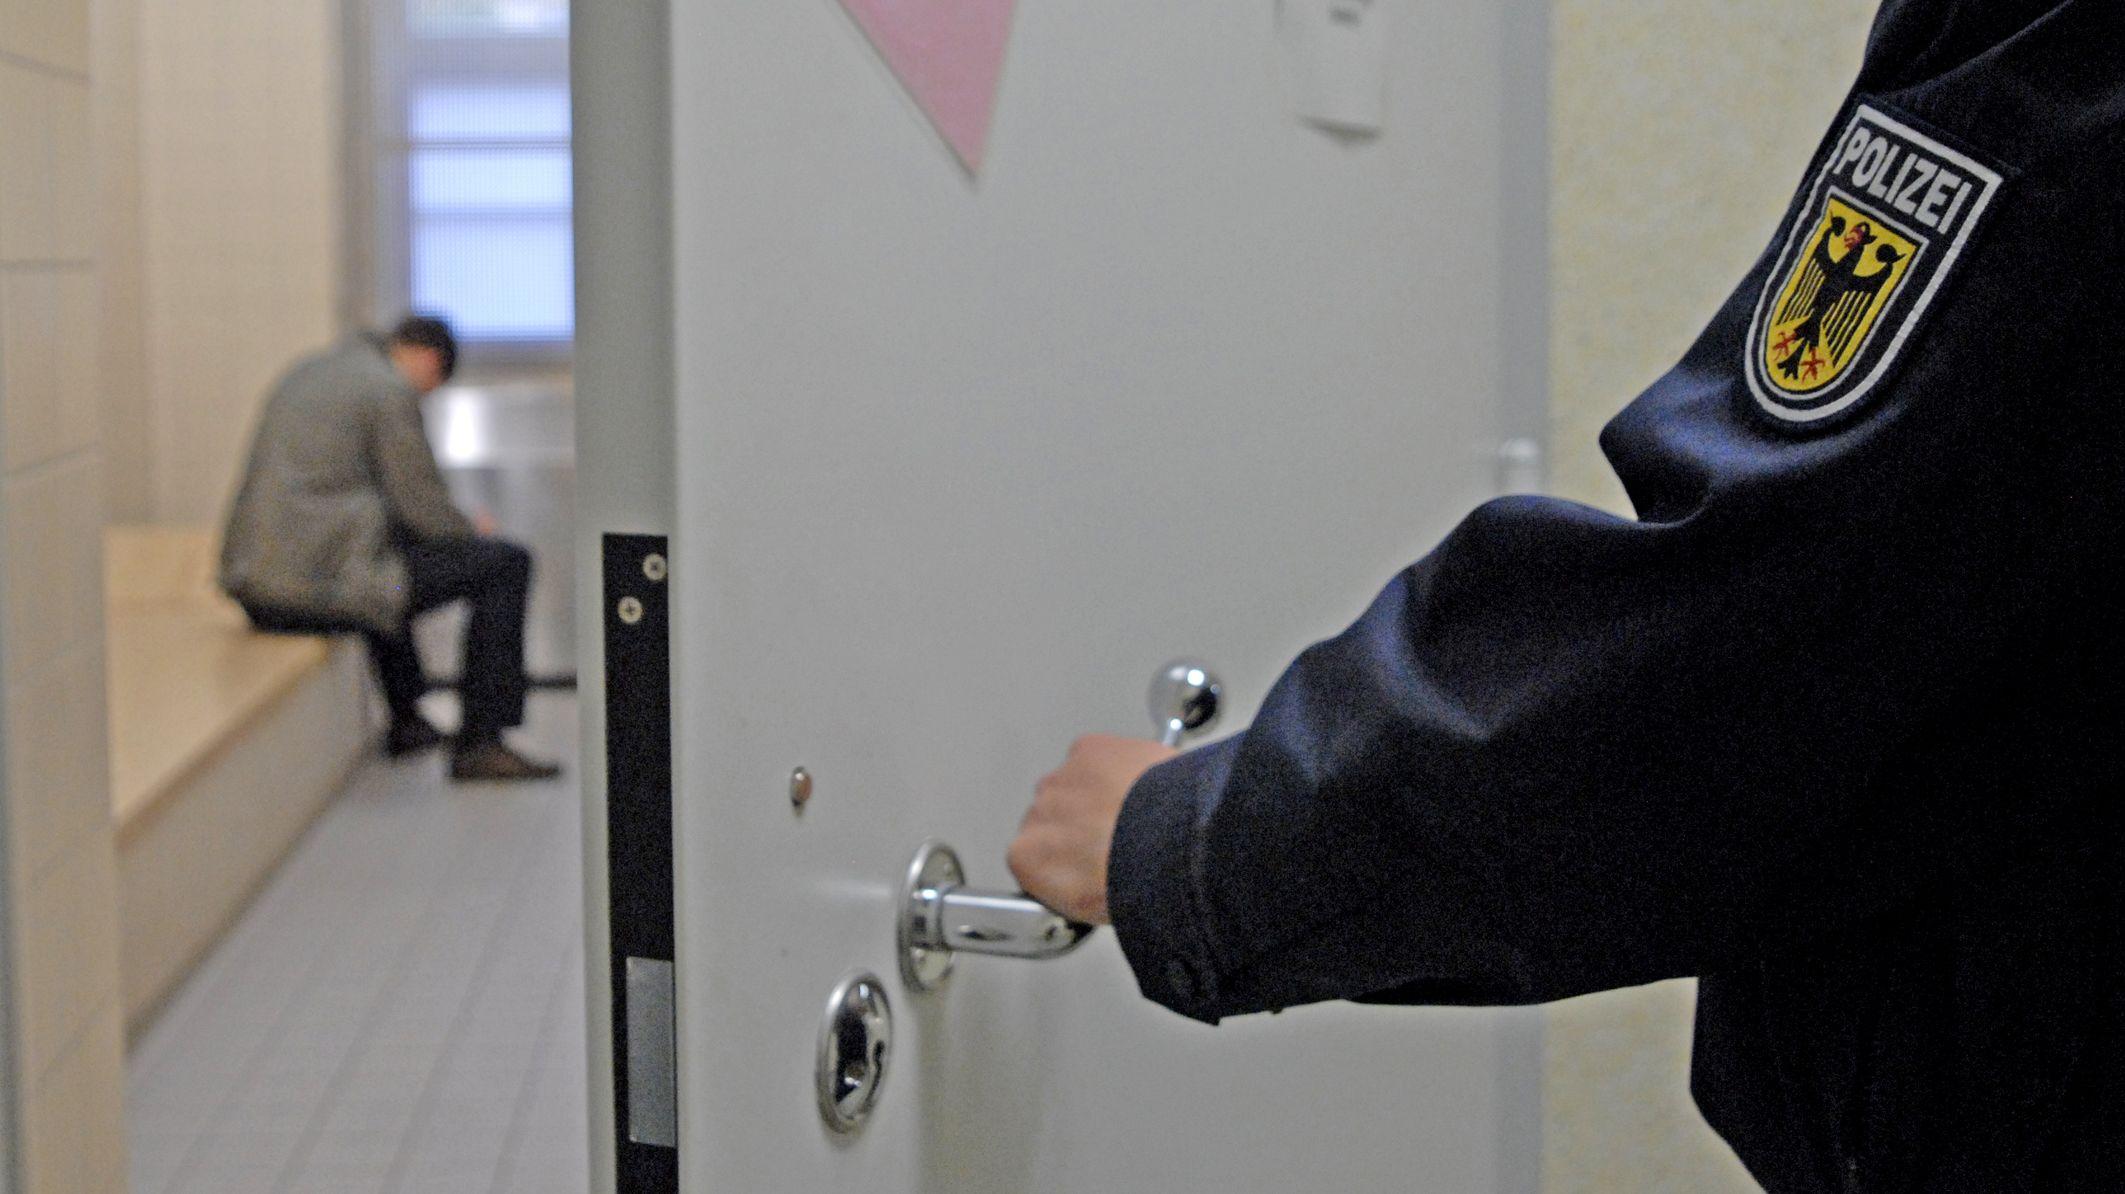 Mann sitzt in Gewahrsam, ein Polizist öffnet die Tür. (Symbolbild)